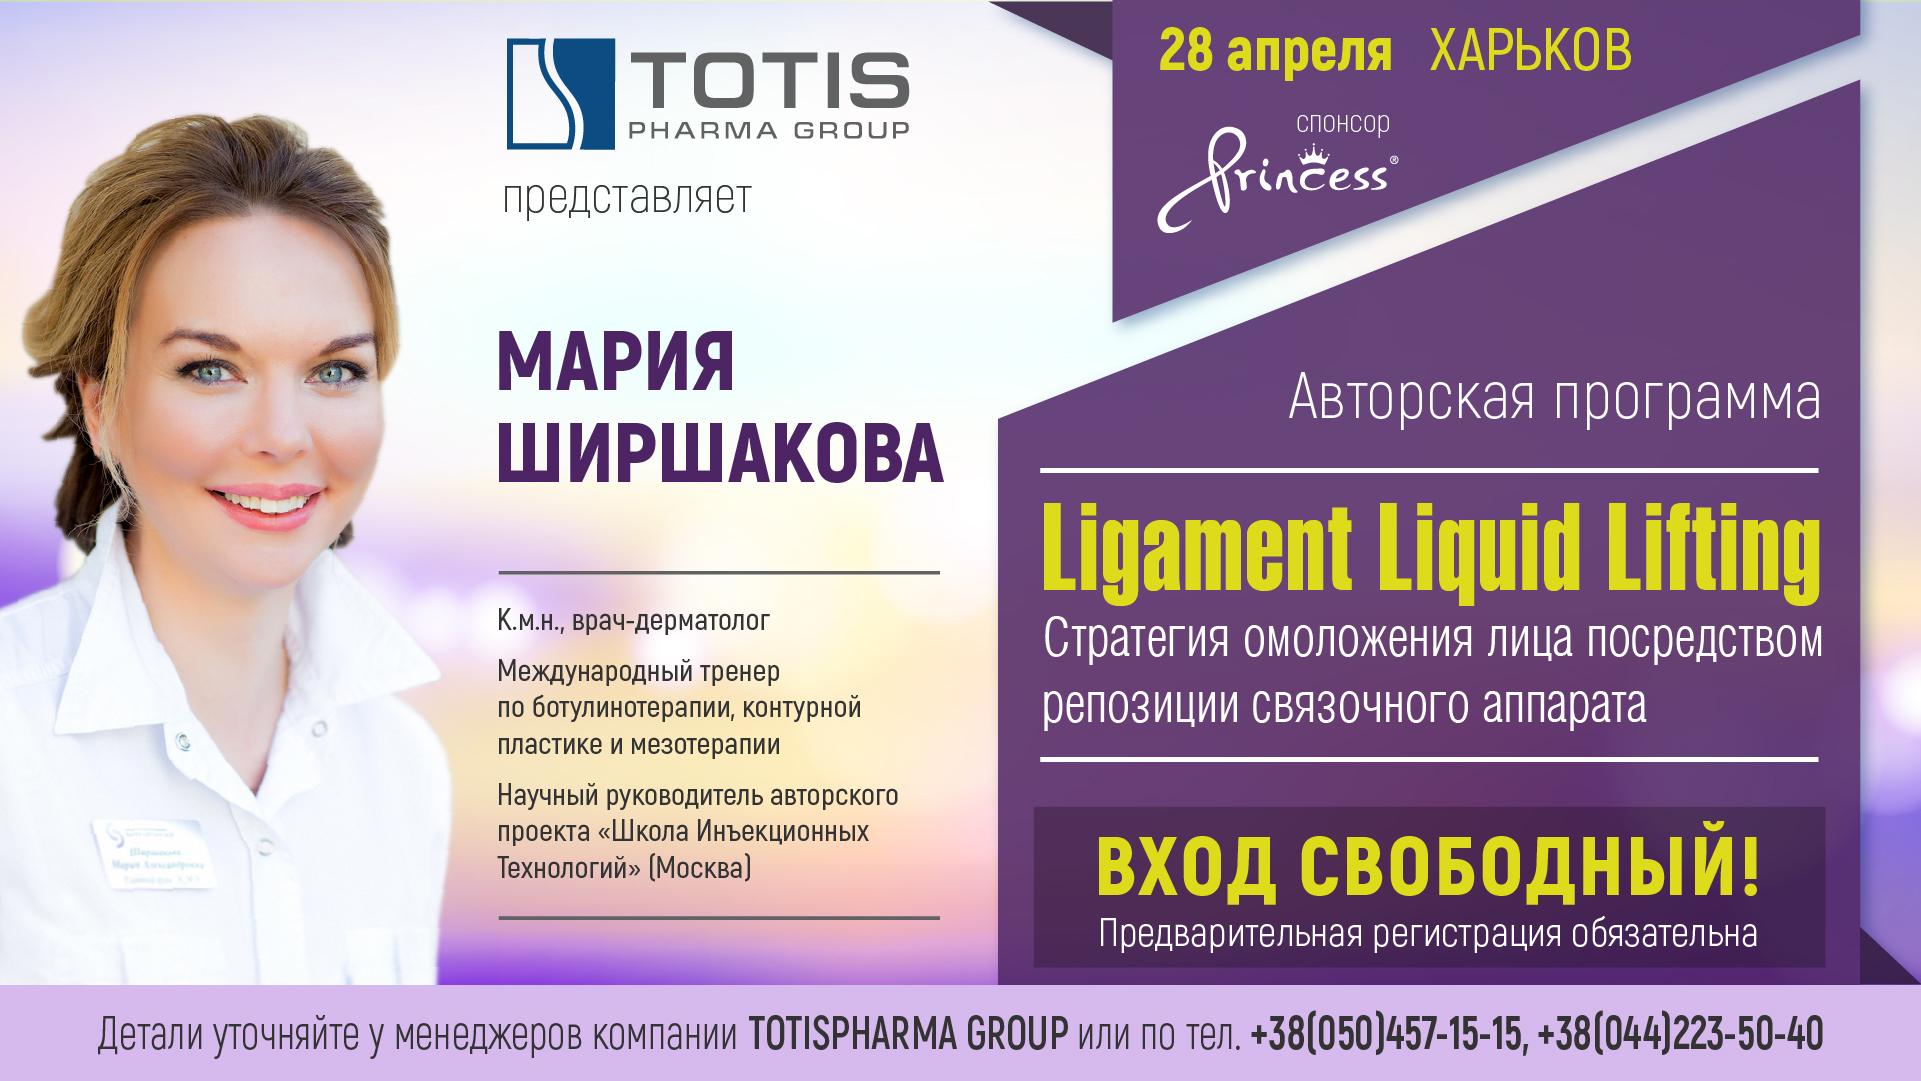 Авторская программа Марии Ширшаковой «Ligament Liquid Lifting»